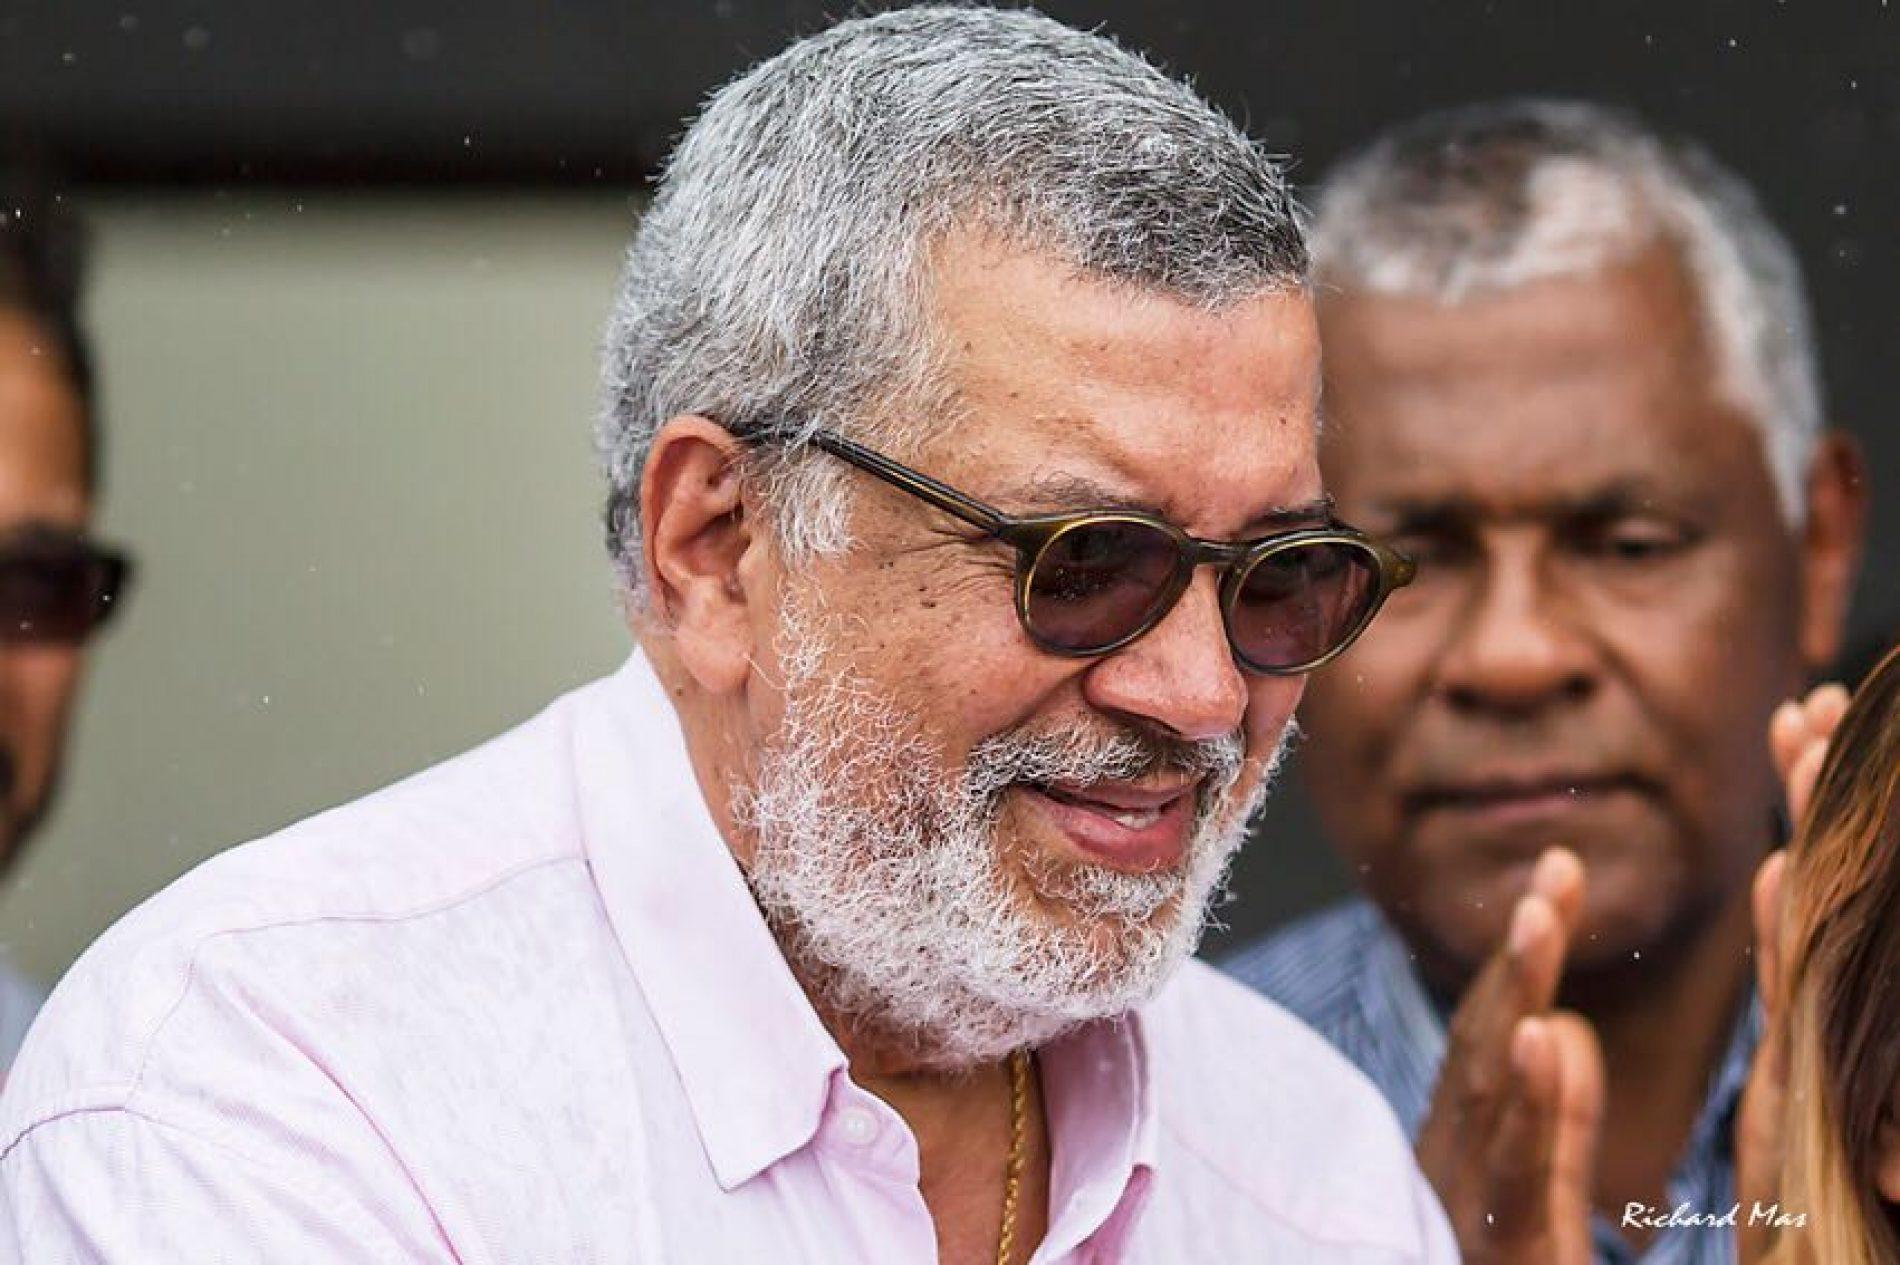 Ex-prefeito de Valença é absolvido de acusação de improbidade movida pelo MPF